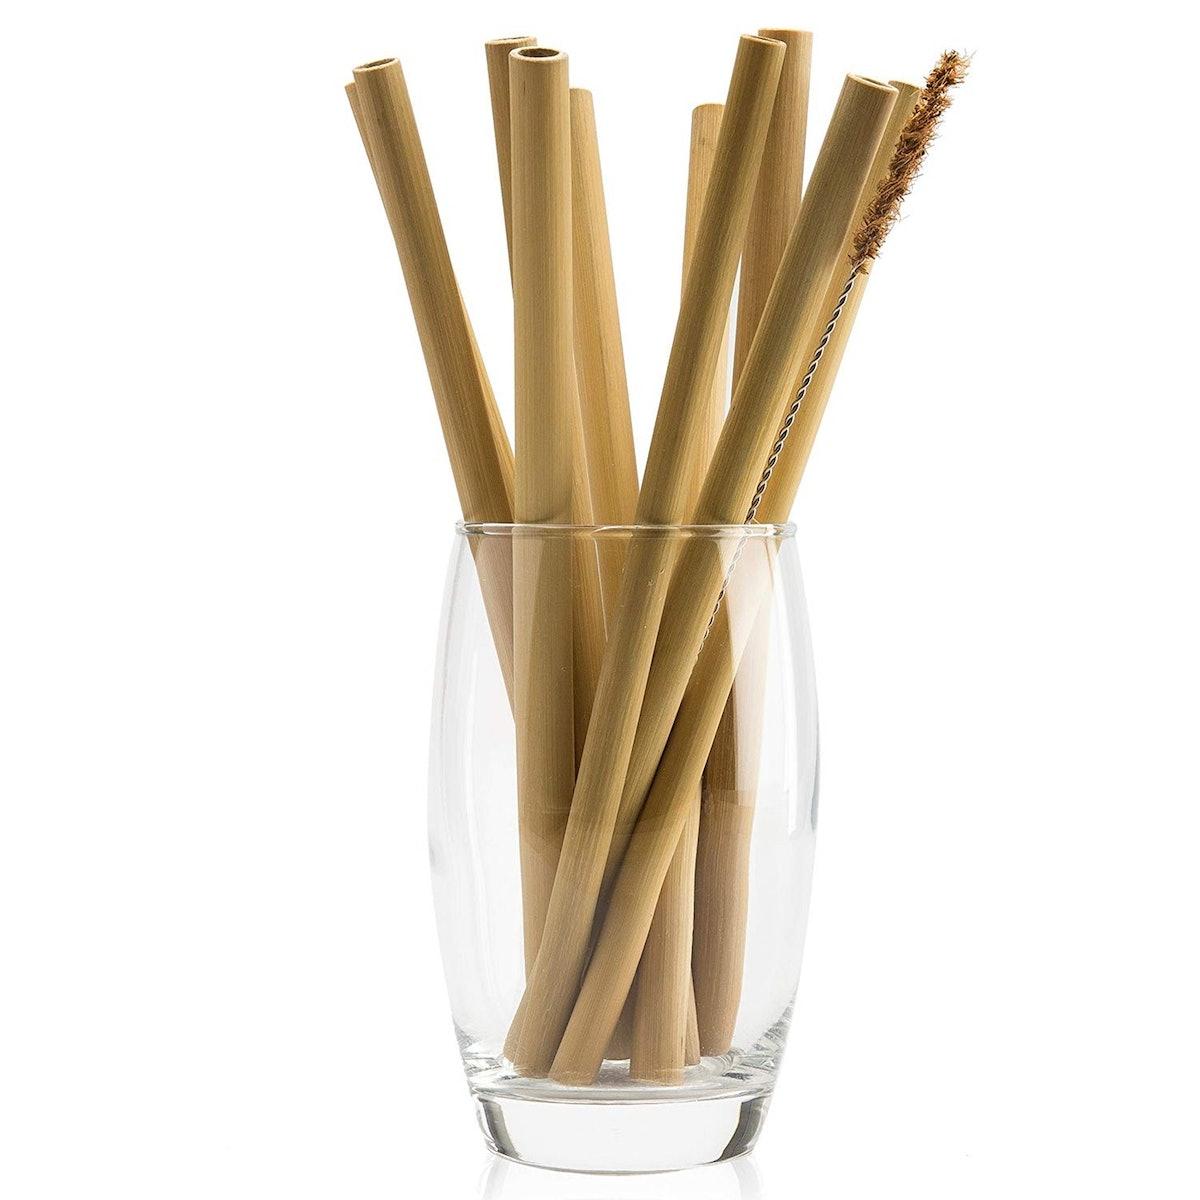 NaturalNeo Bamboo Straws (10 Pack)